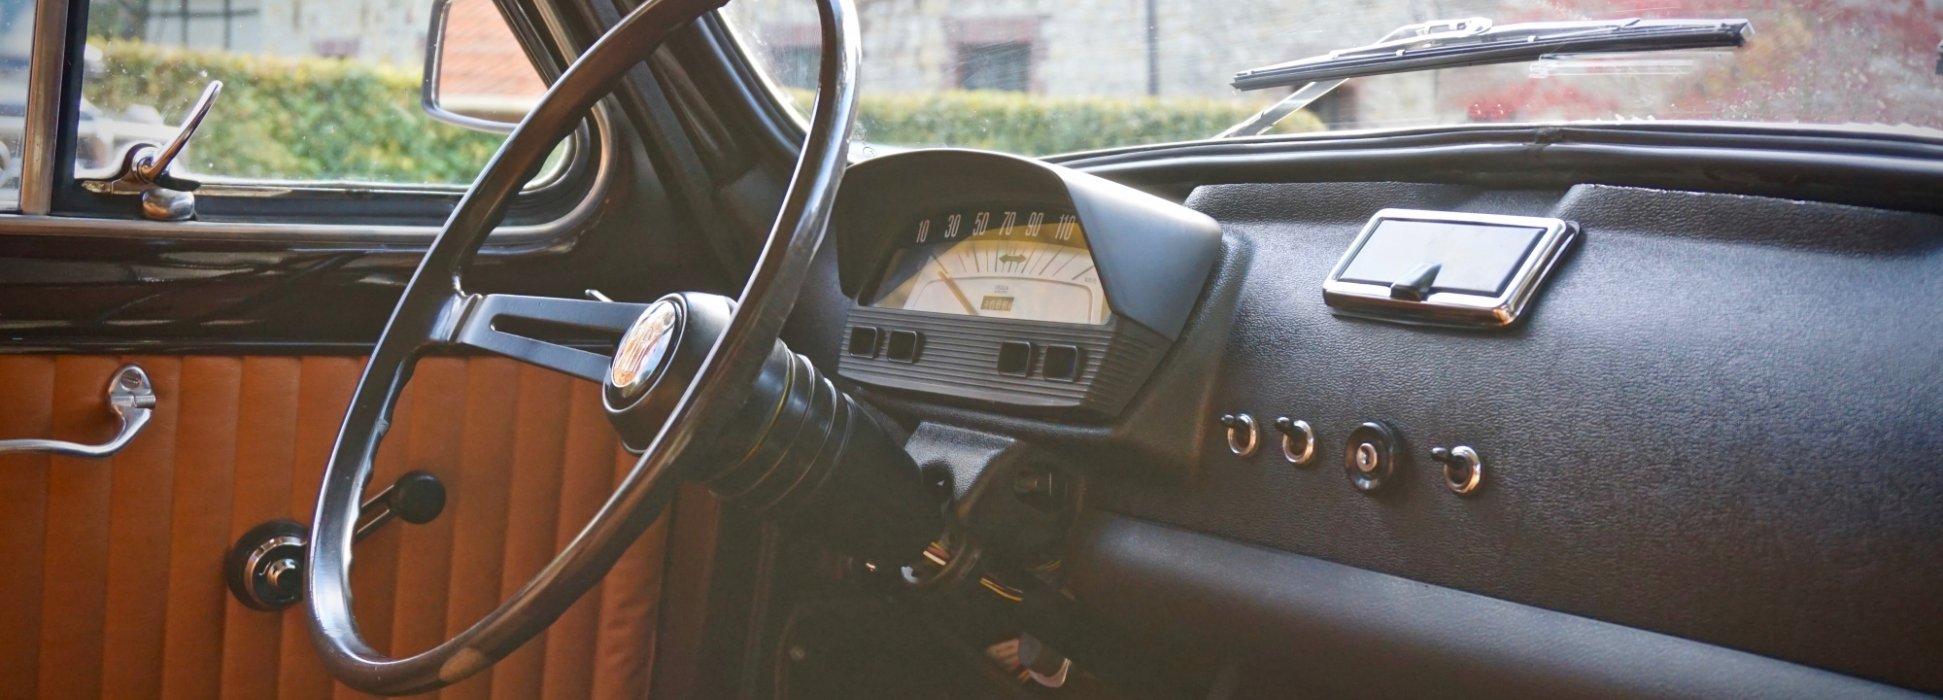 Fiat 500L (Luxus) 1